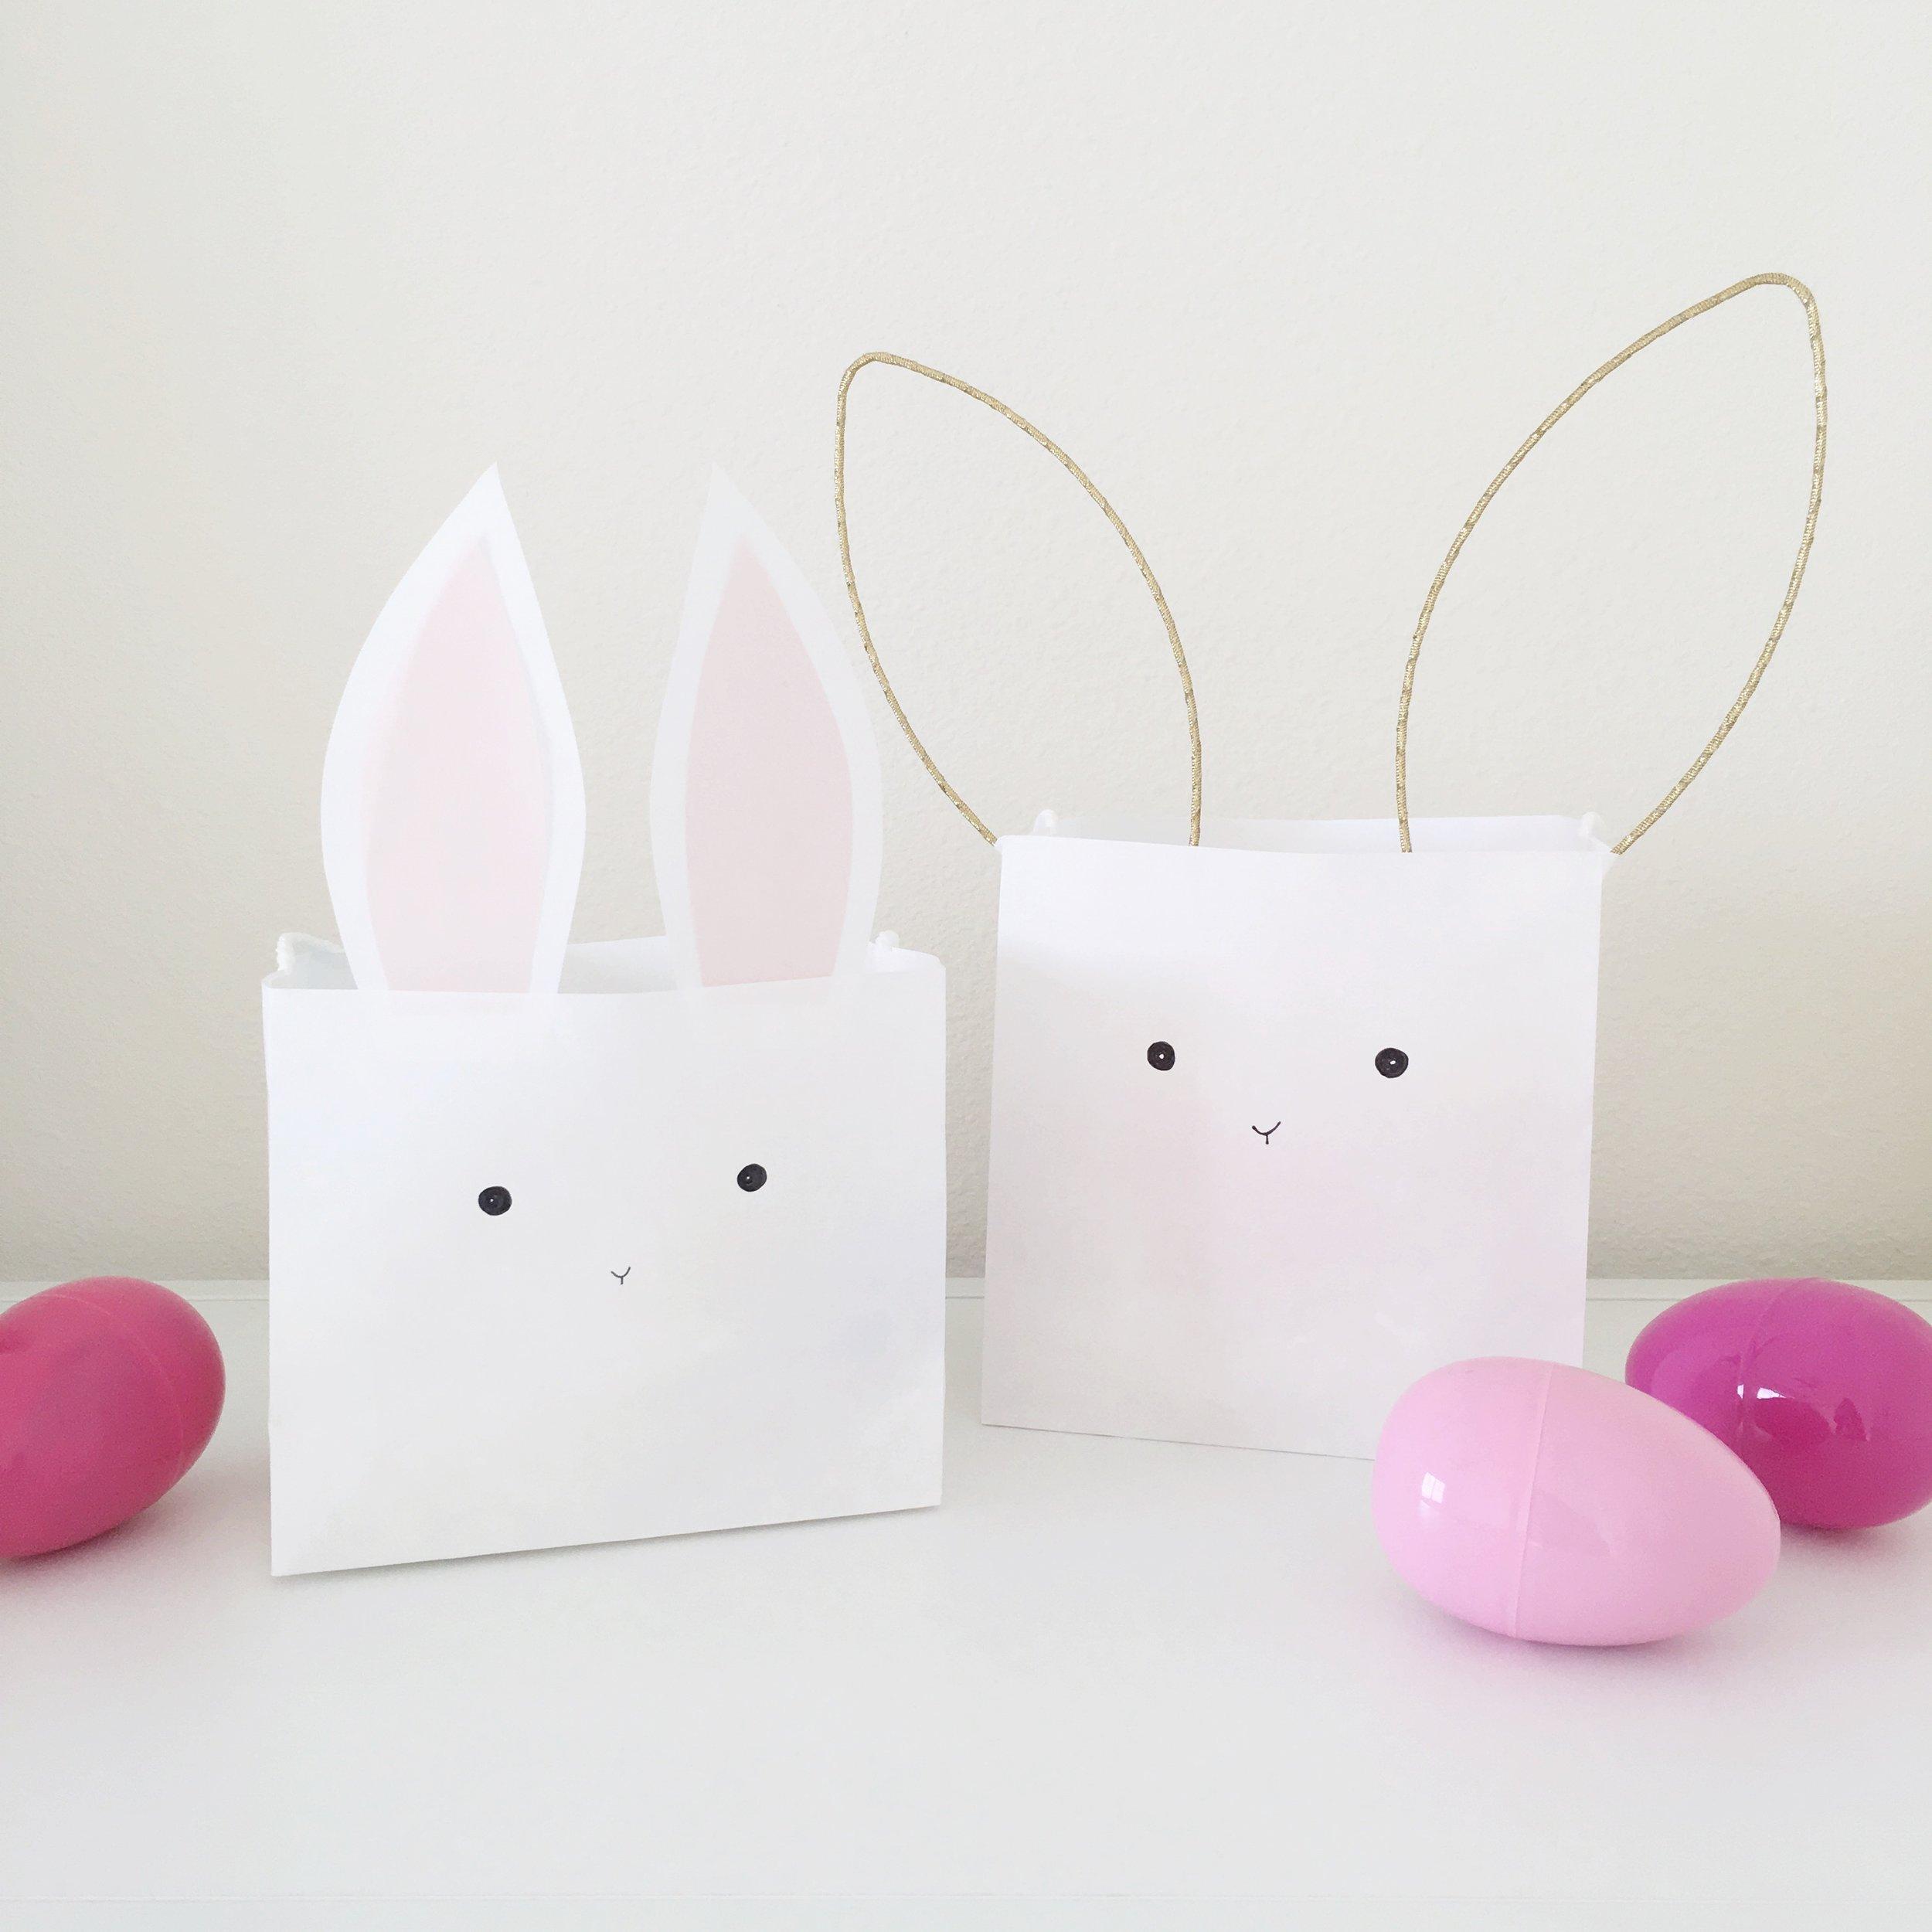 Bunny Favor Bags on meethaha.com